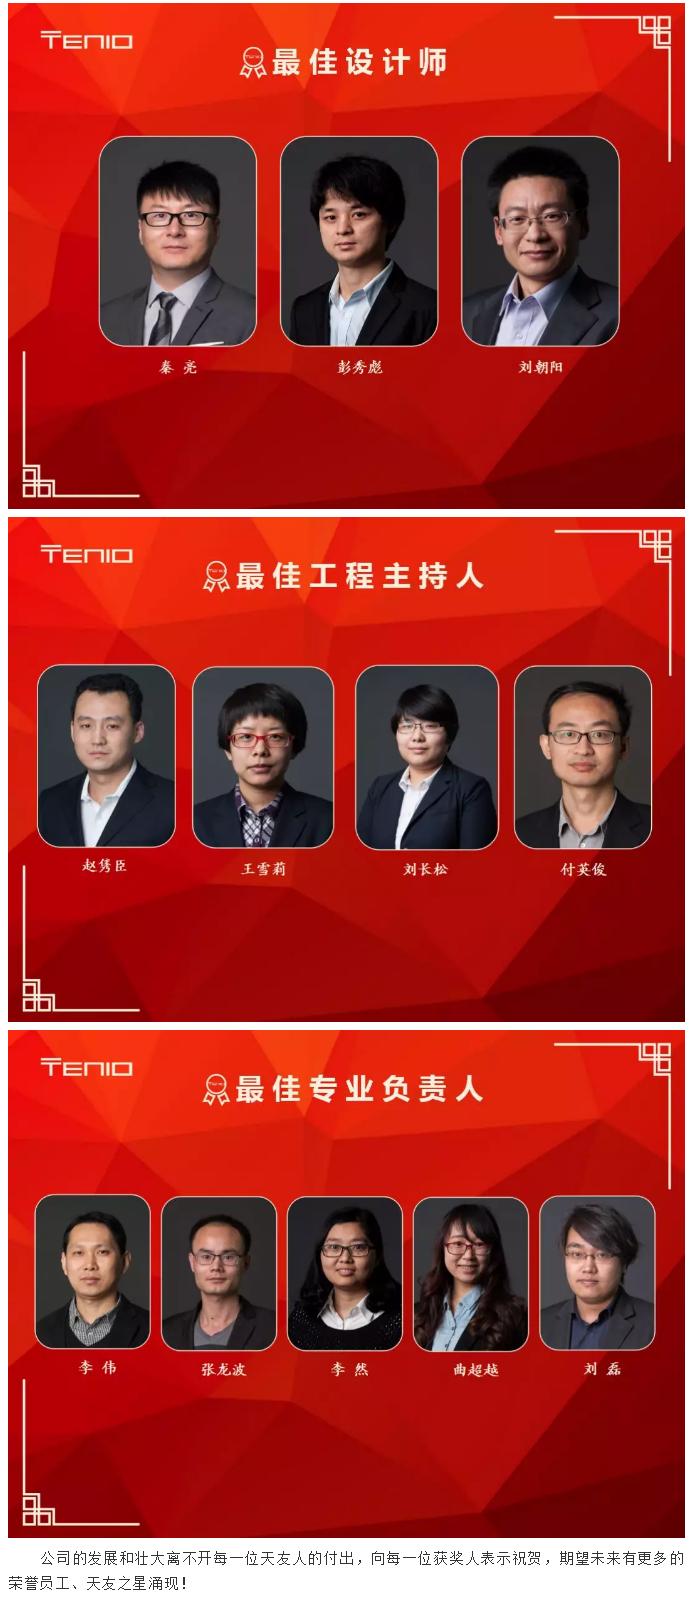 bwin平台官方网站(天津)公司2018年度工作总结会暨年度荣誉表彰大会圆满召开